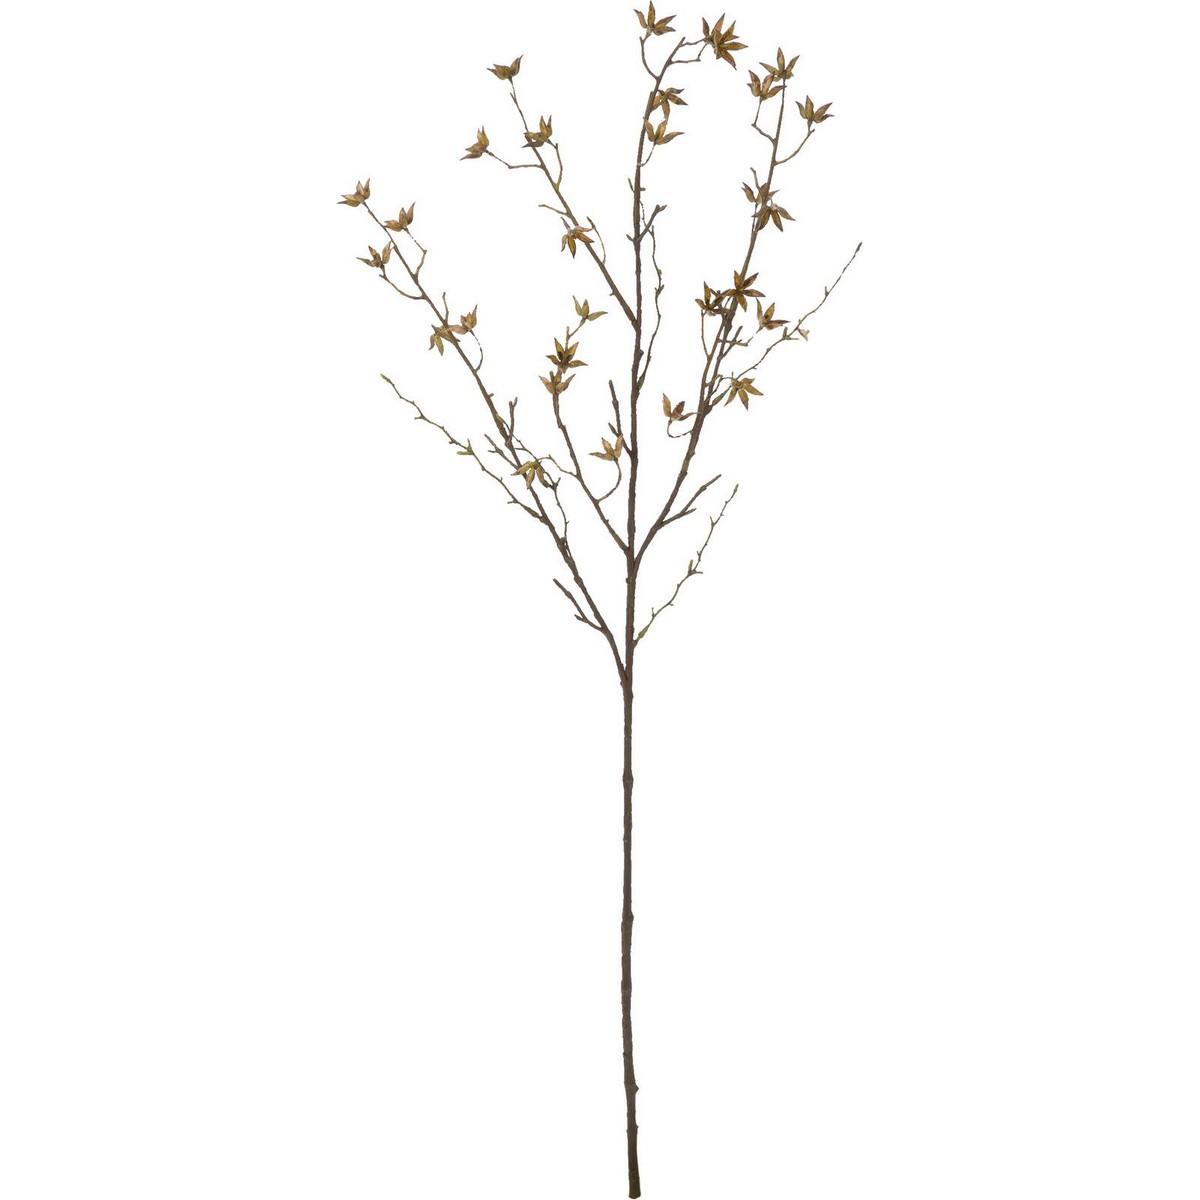 【造花】YDM/スターアニスブランチ/FG-4928GR【01】【取寄】《 造花(アーティフィシャルフラワー) 造花枝物 その他の造花枝物 》